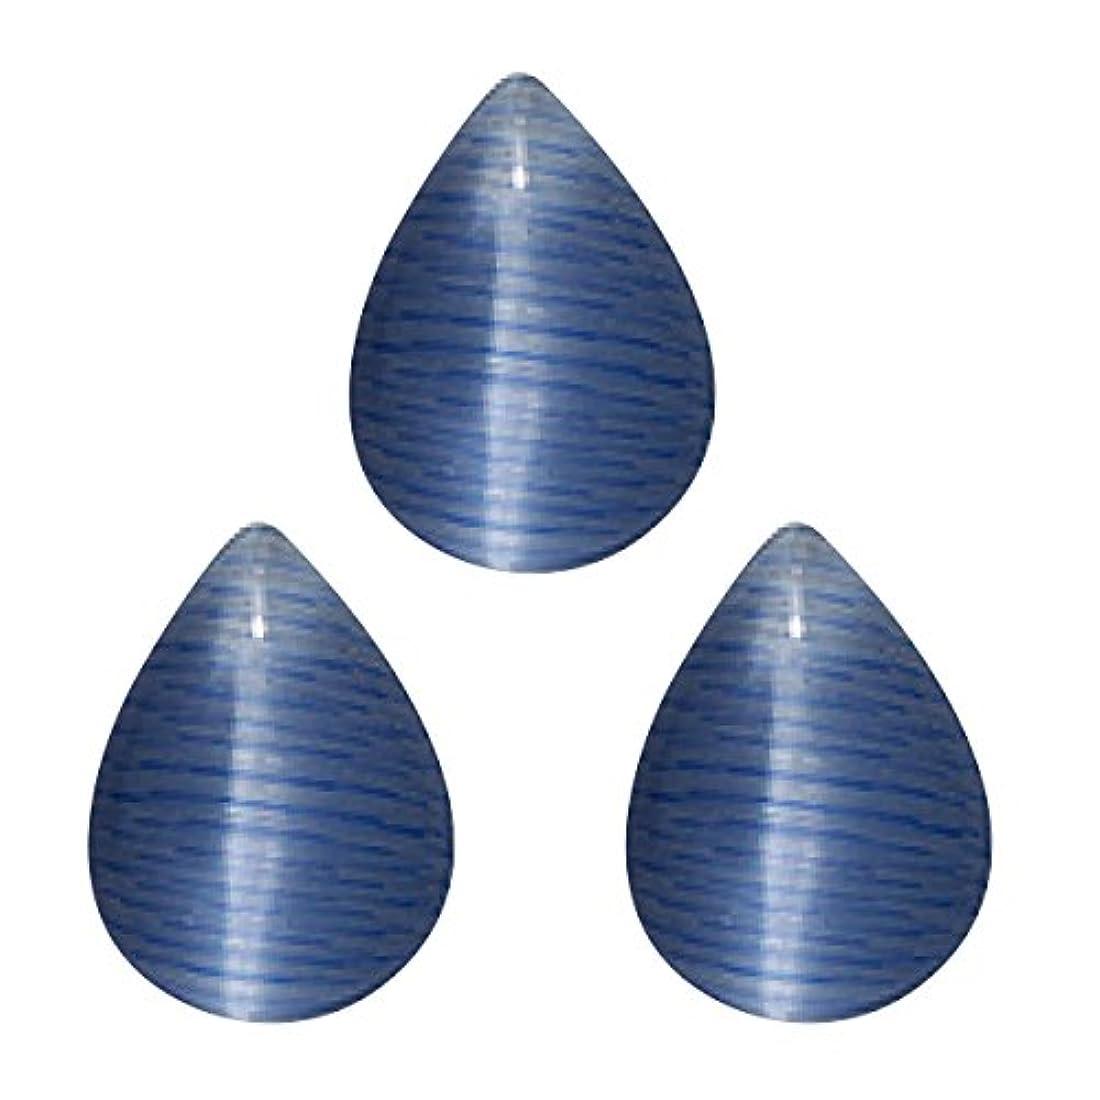 散文蒸留反逆キャッツアイ ドロップ(20個) ブルー